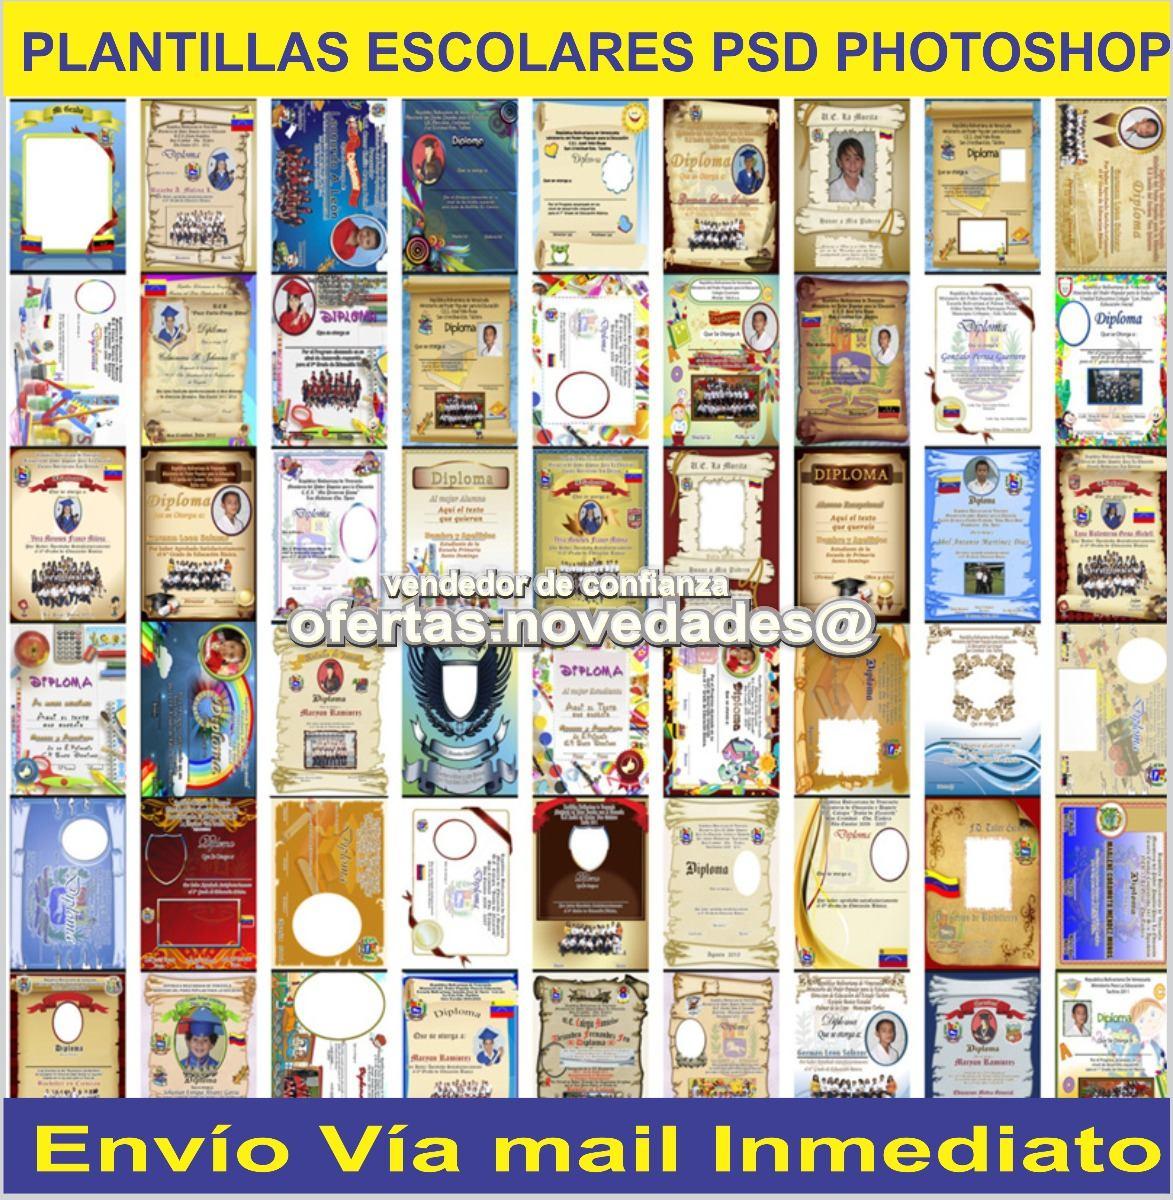 Famoso Plantillas De Título De Photoshop Embellecimiento - Ejemplo ...